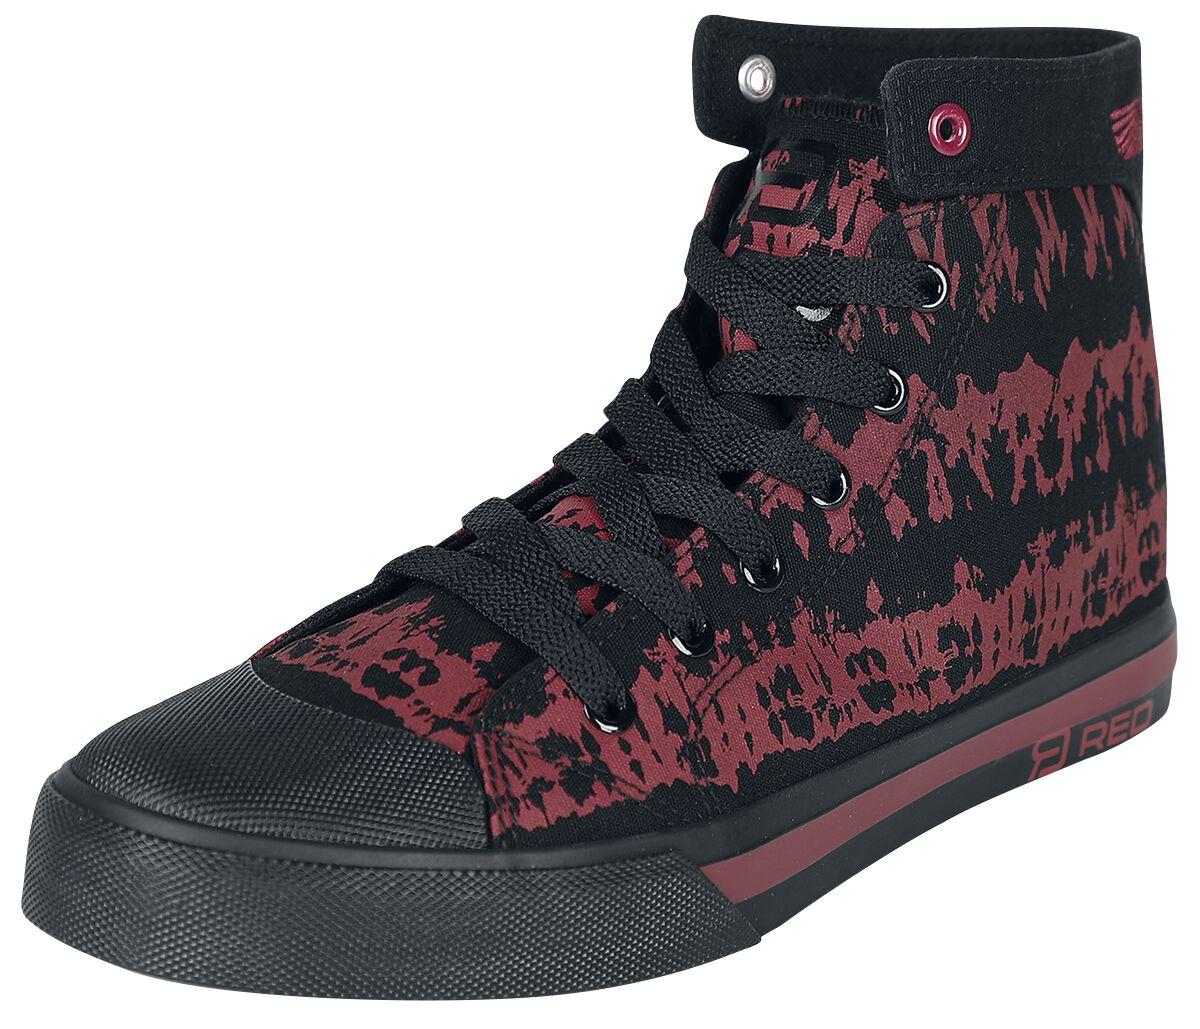 RED by EMP Rot/schwarzer Sneaker im Batik-Look Sneaker high rot schwarz M409886